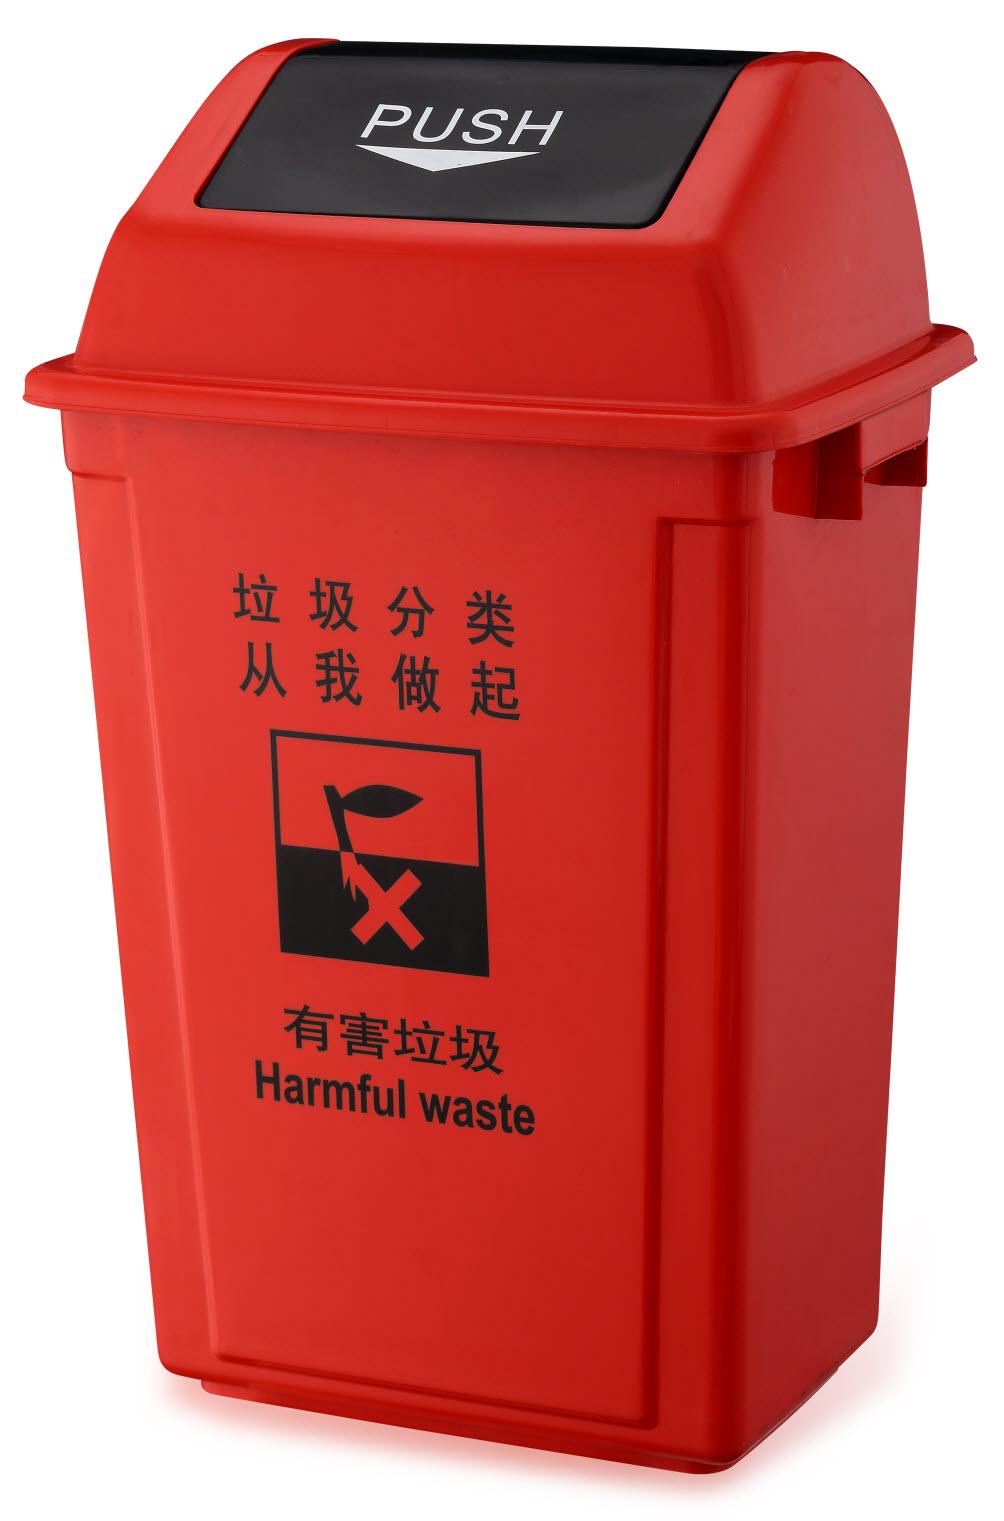 【西安环卫塑料垃圾桶挂车桶玉洁环卫】品牌